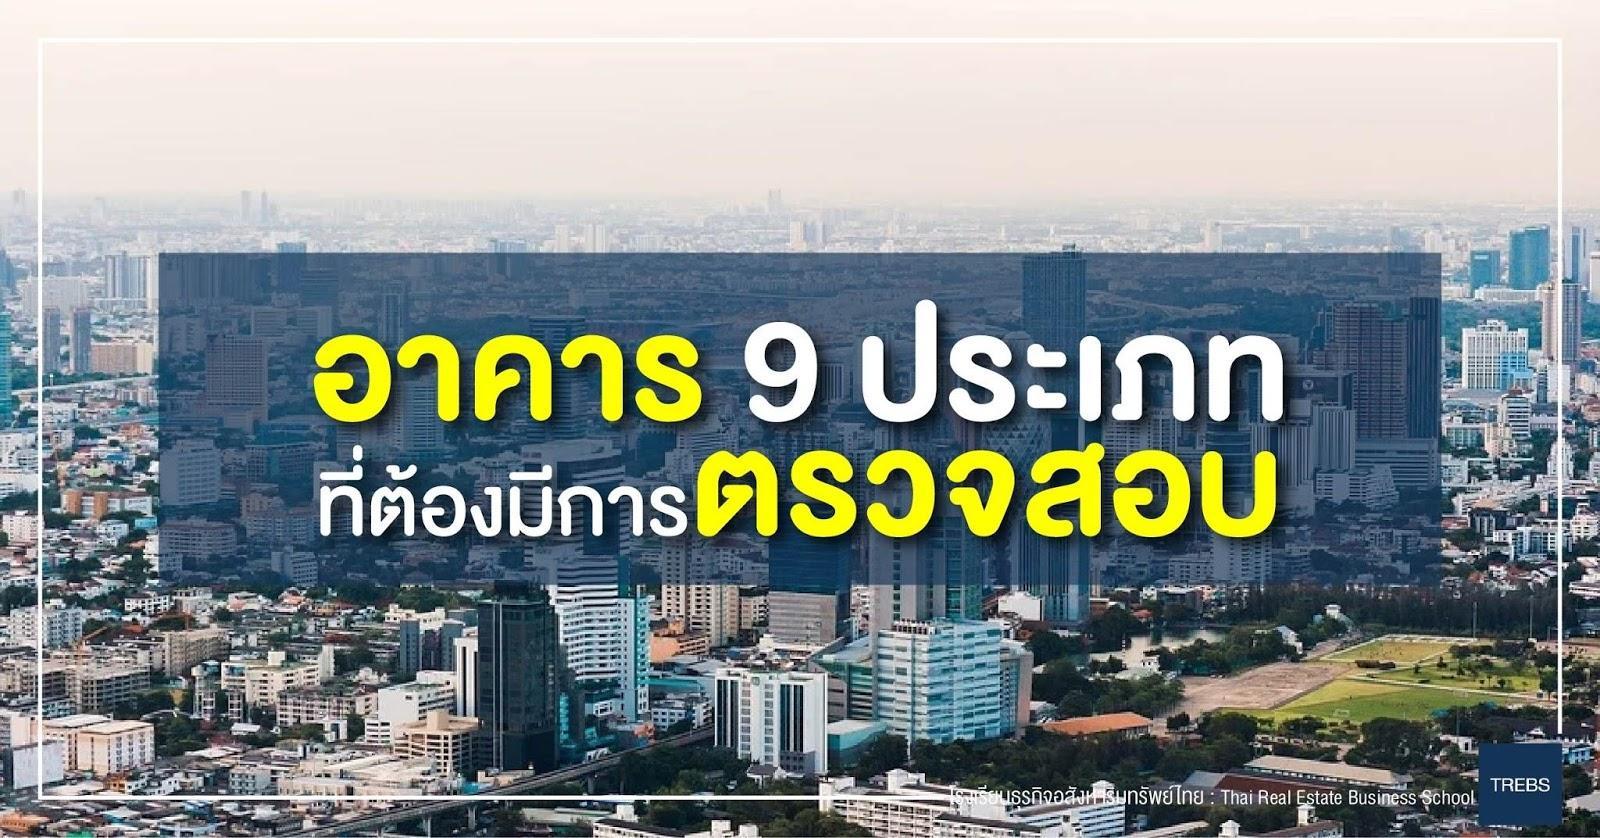 อาคาร 9 ประเภทที่ต้องจัดให้มีการตรวจสอบ